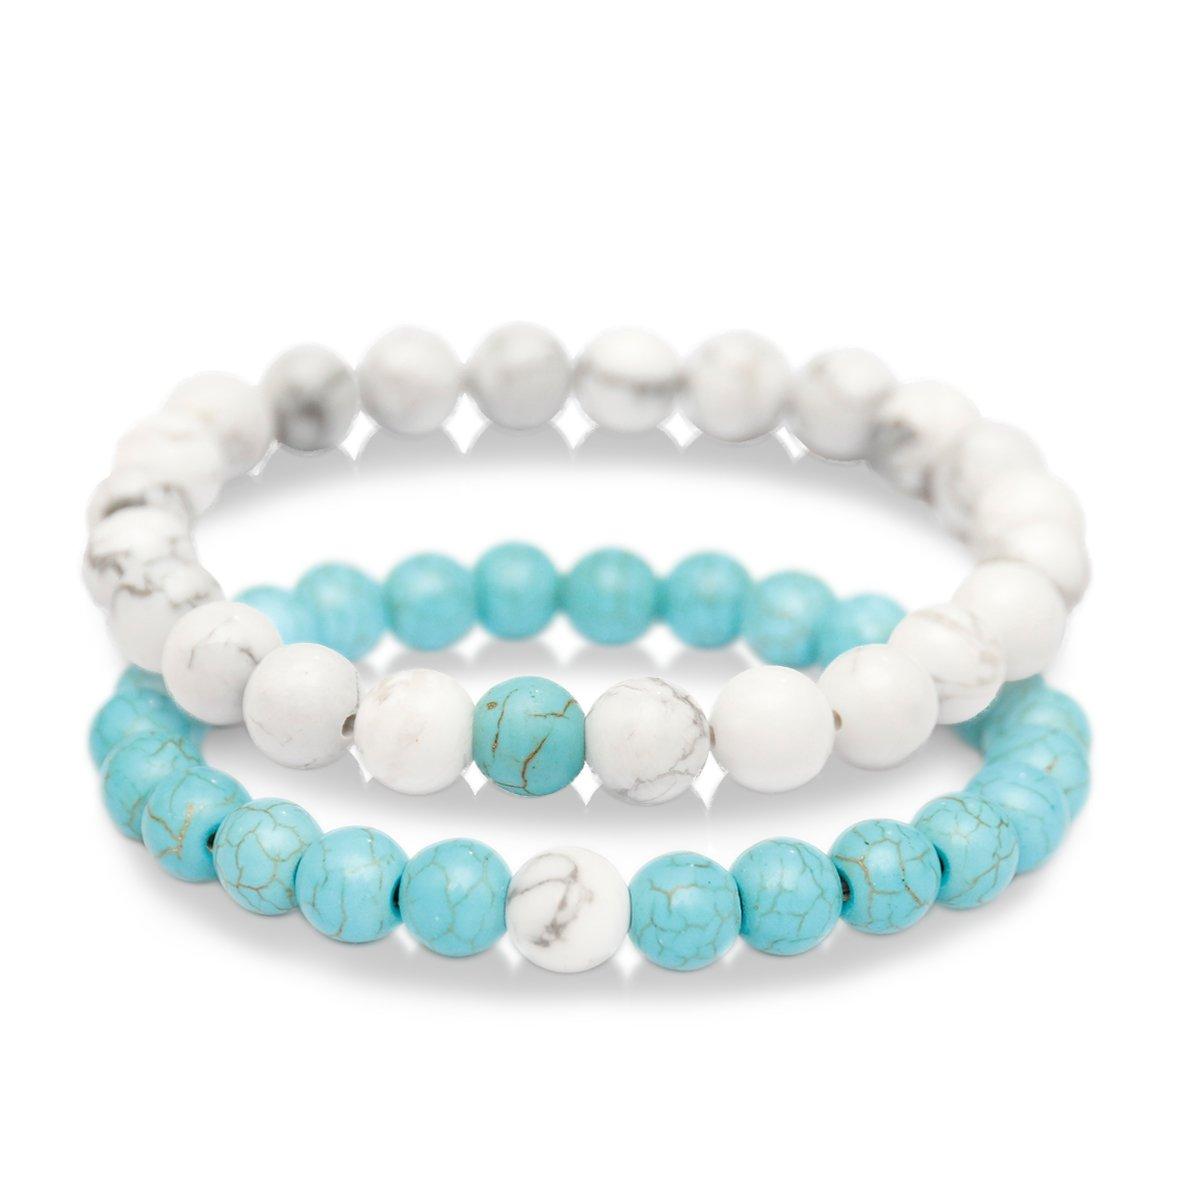 Zhepin 8mm Bracelets Set Mom Daughter for Girls Bracelet Women Men Gift Heart Bracelet for Lovers Sisters Best Friends